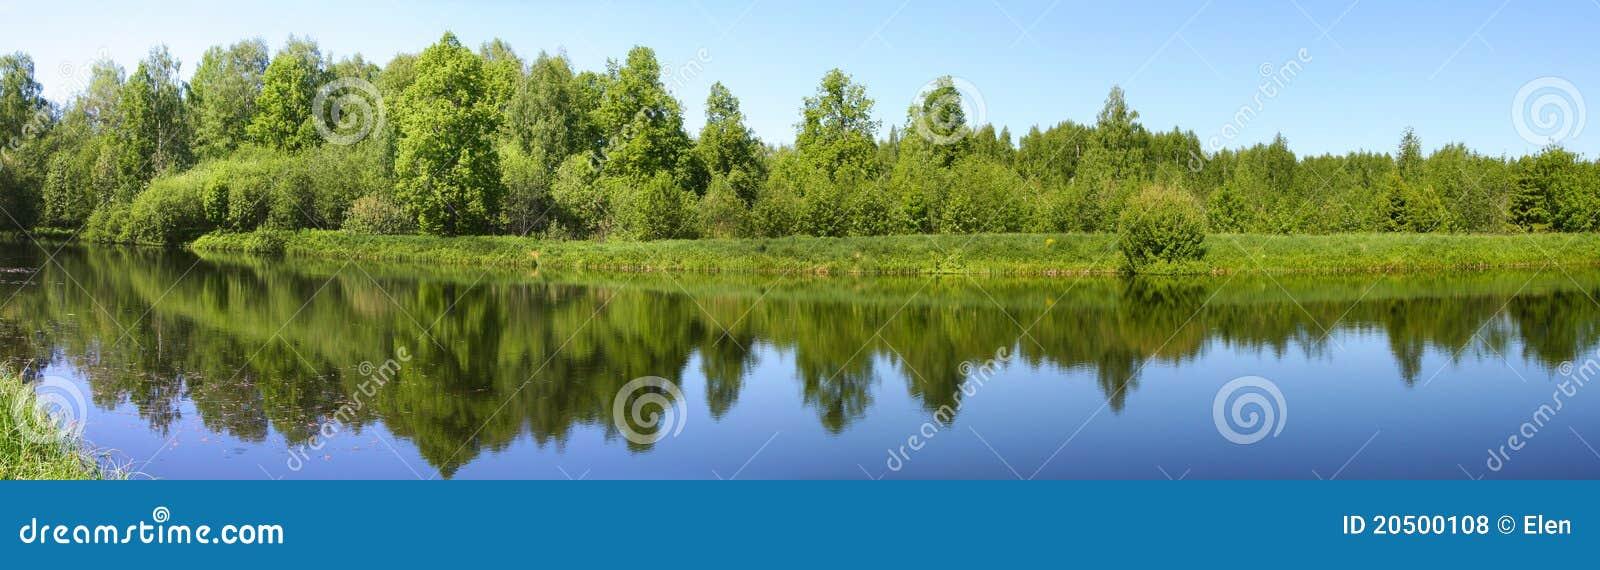 Bella natura, paesaggio panoramico